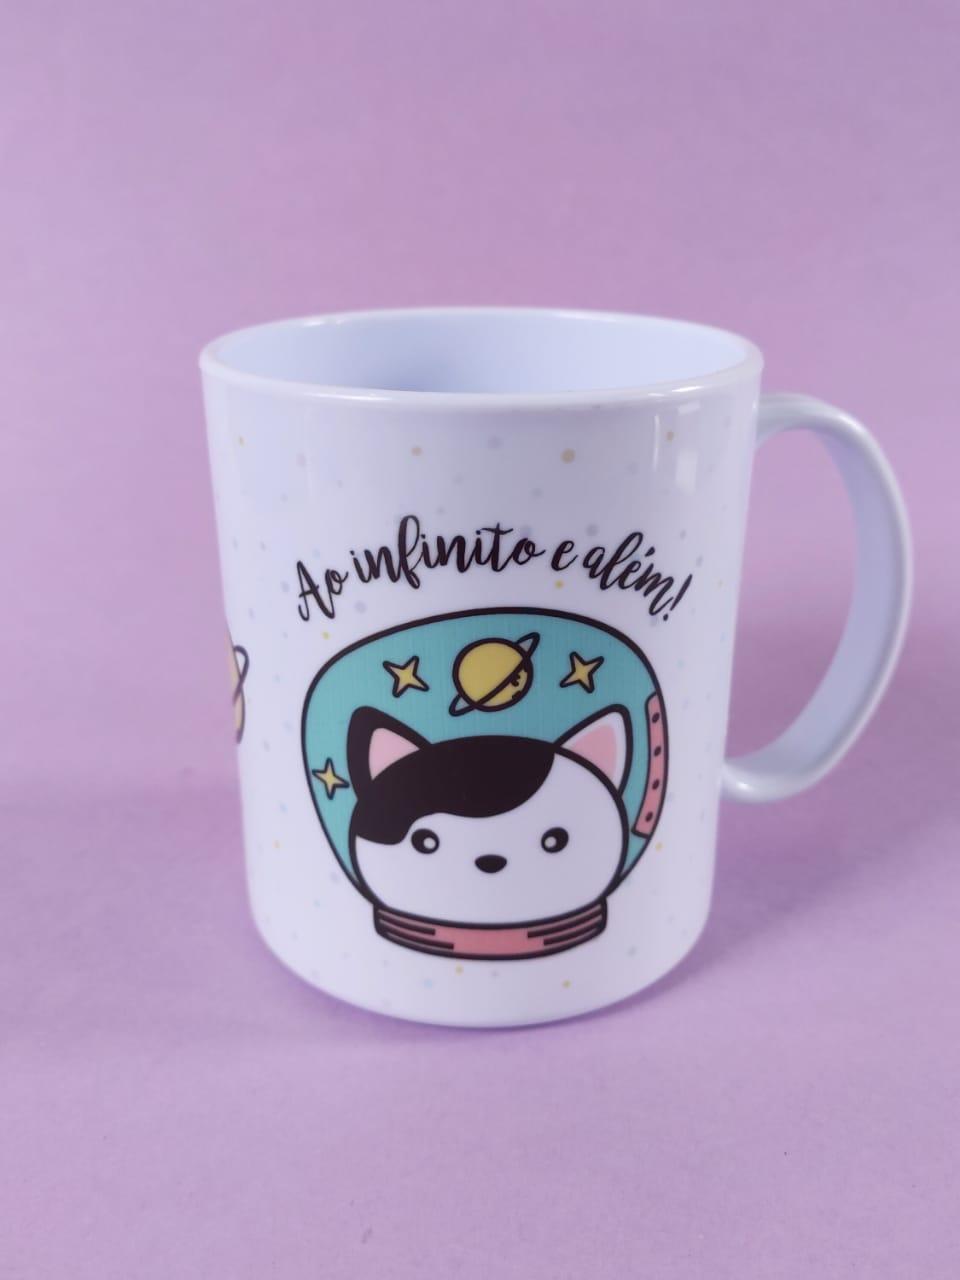 Caneca em Polímero de Gato Astronauta Personalizada com seu nome